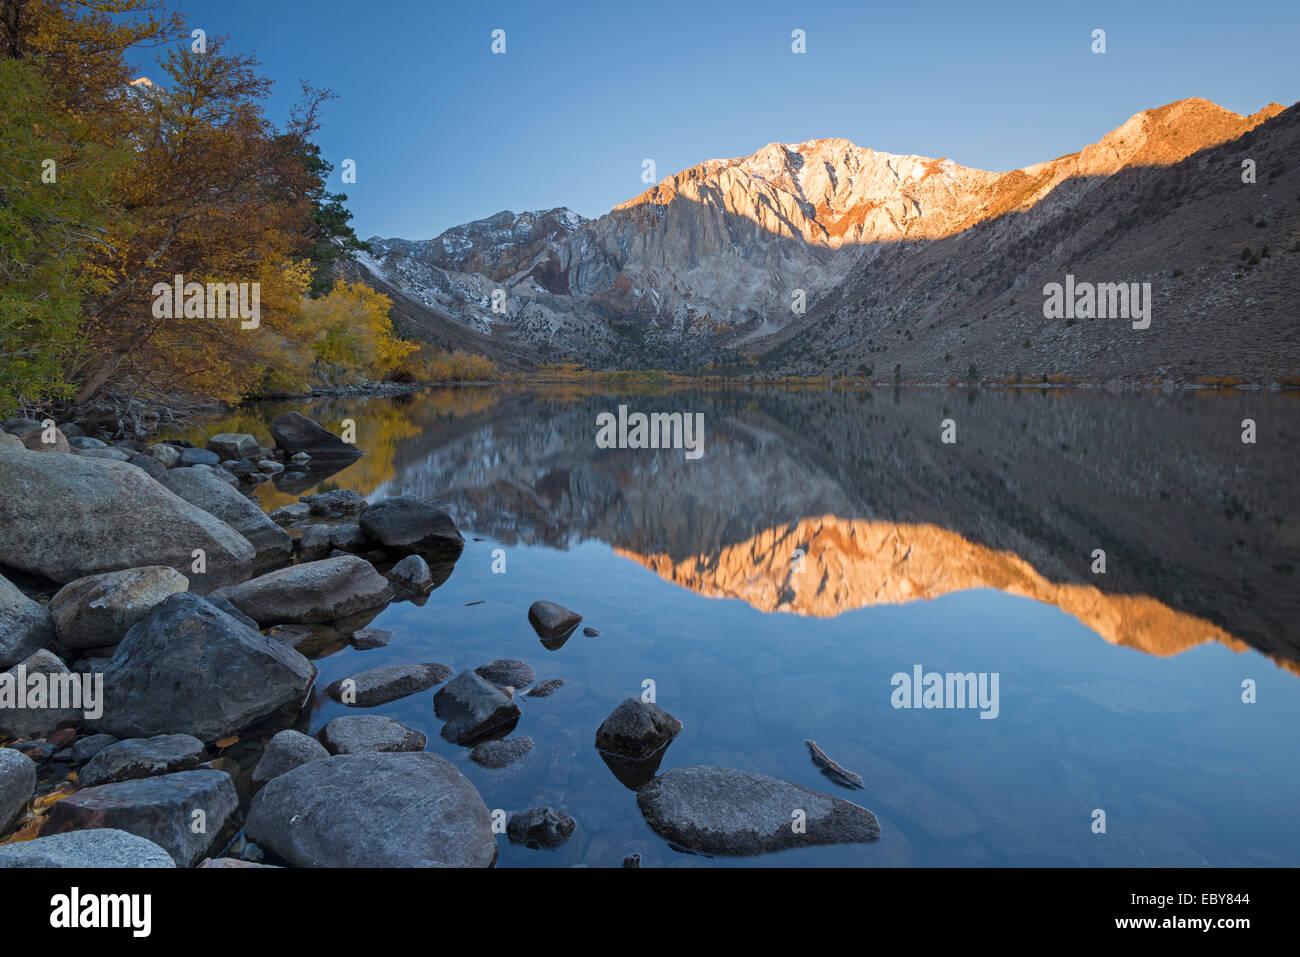 Colori autunnali intorno al lago trusty nella Sierra Orientale Montagne, California, USA. In autunno (ottobre) 2013. Immagini Stock